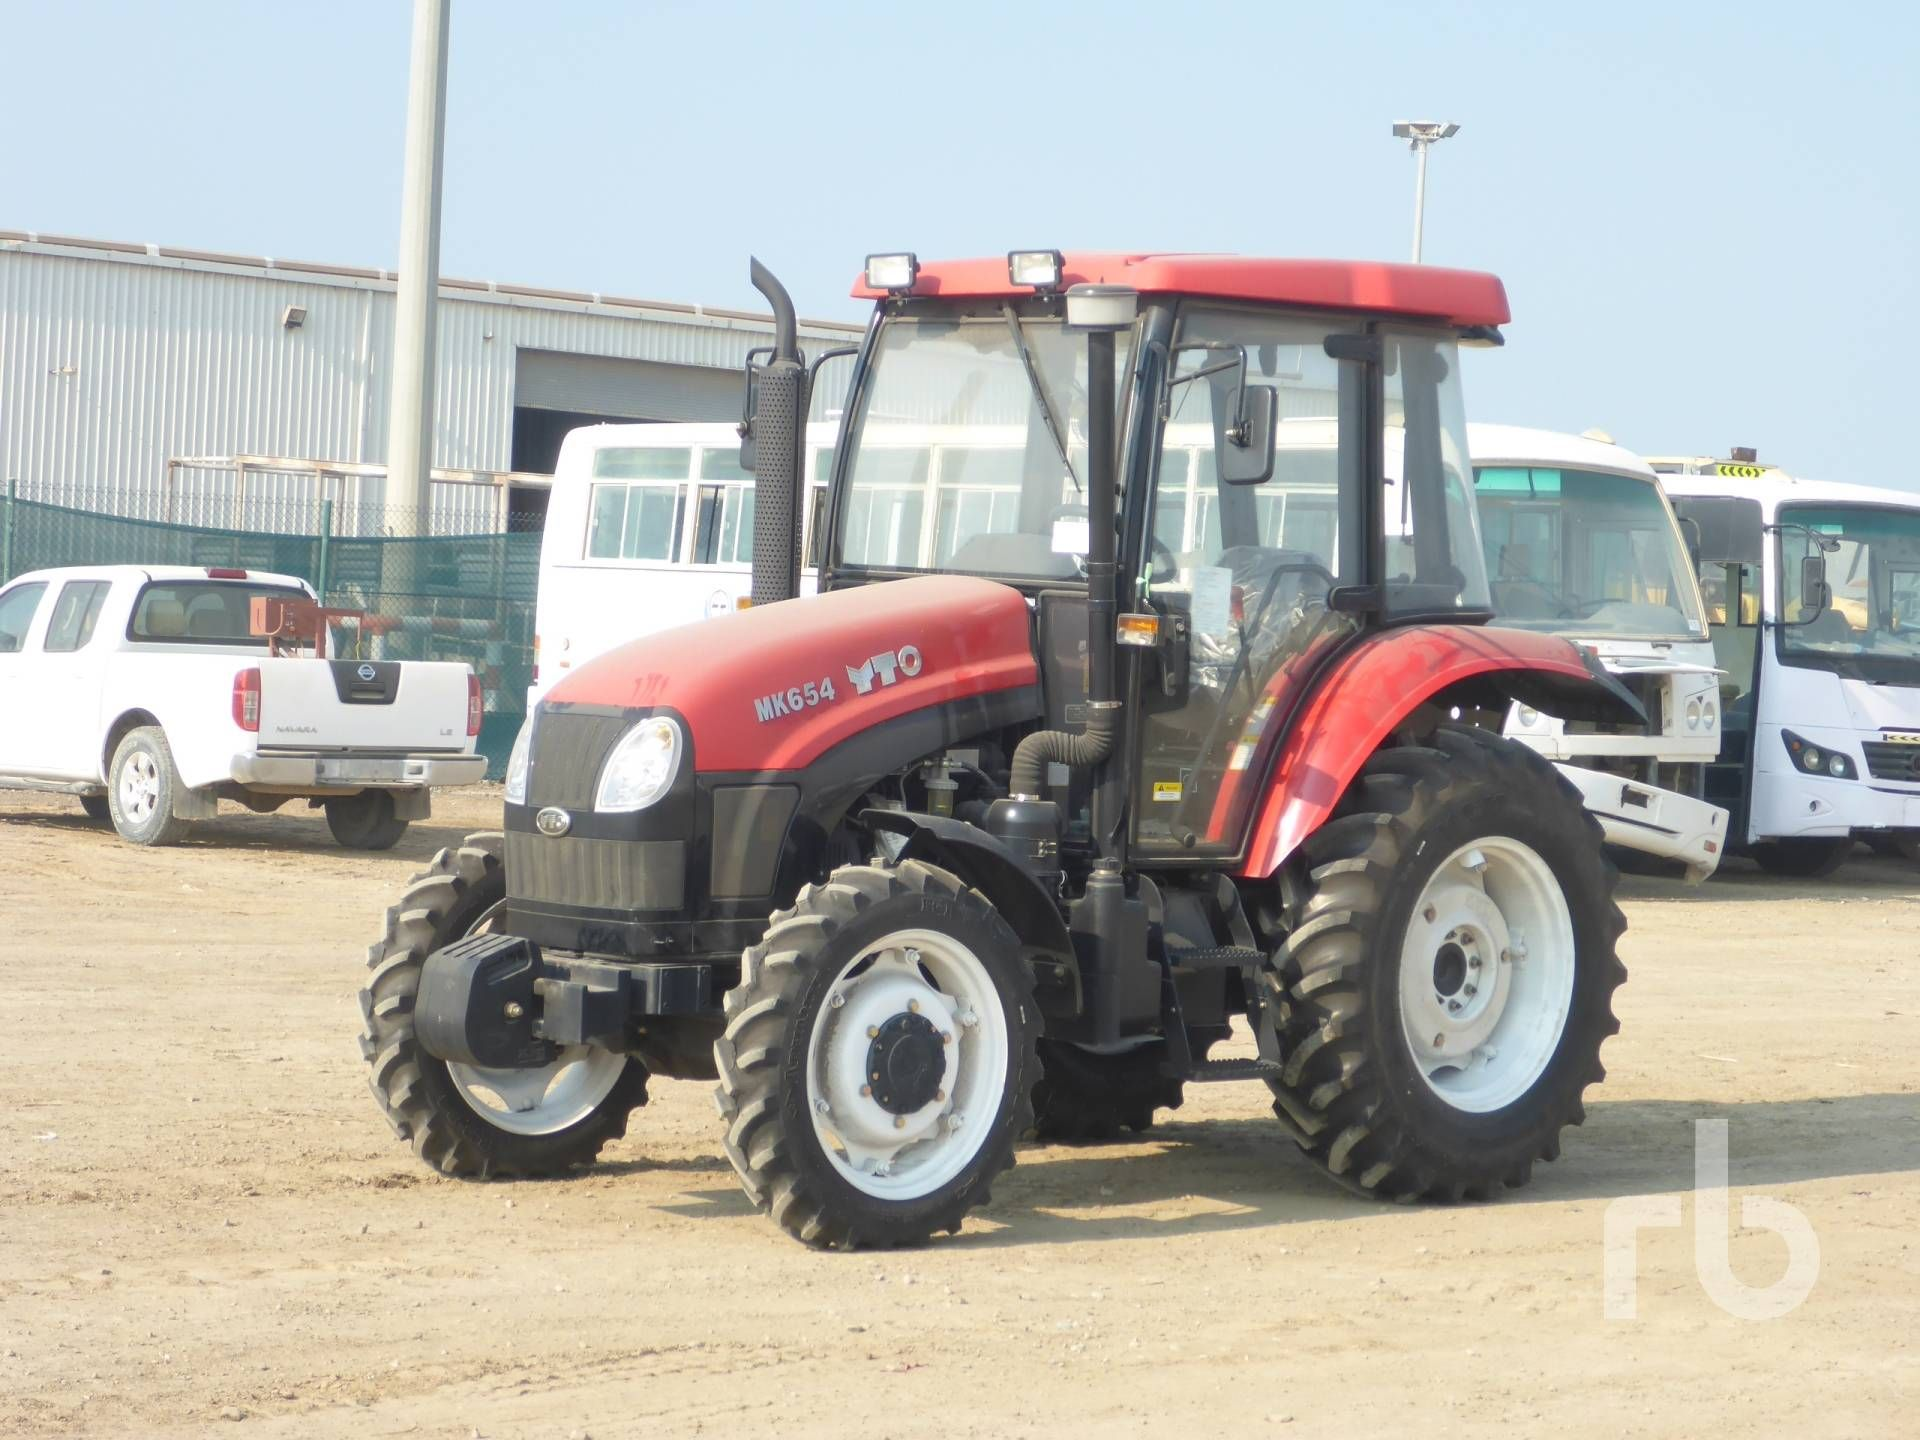 NICHT VERWENDET 2017 YTO MK654 MFWD Traktor